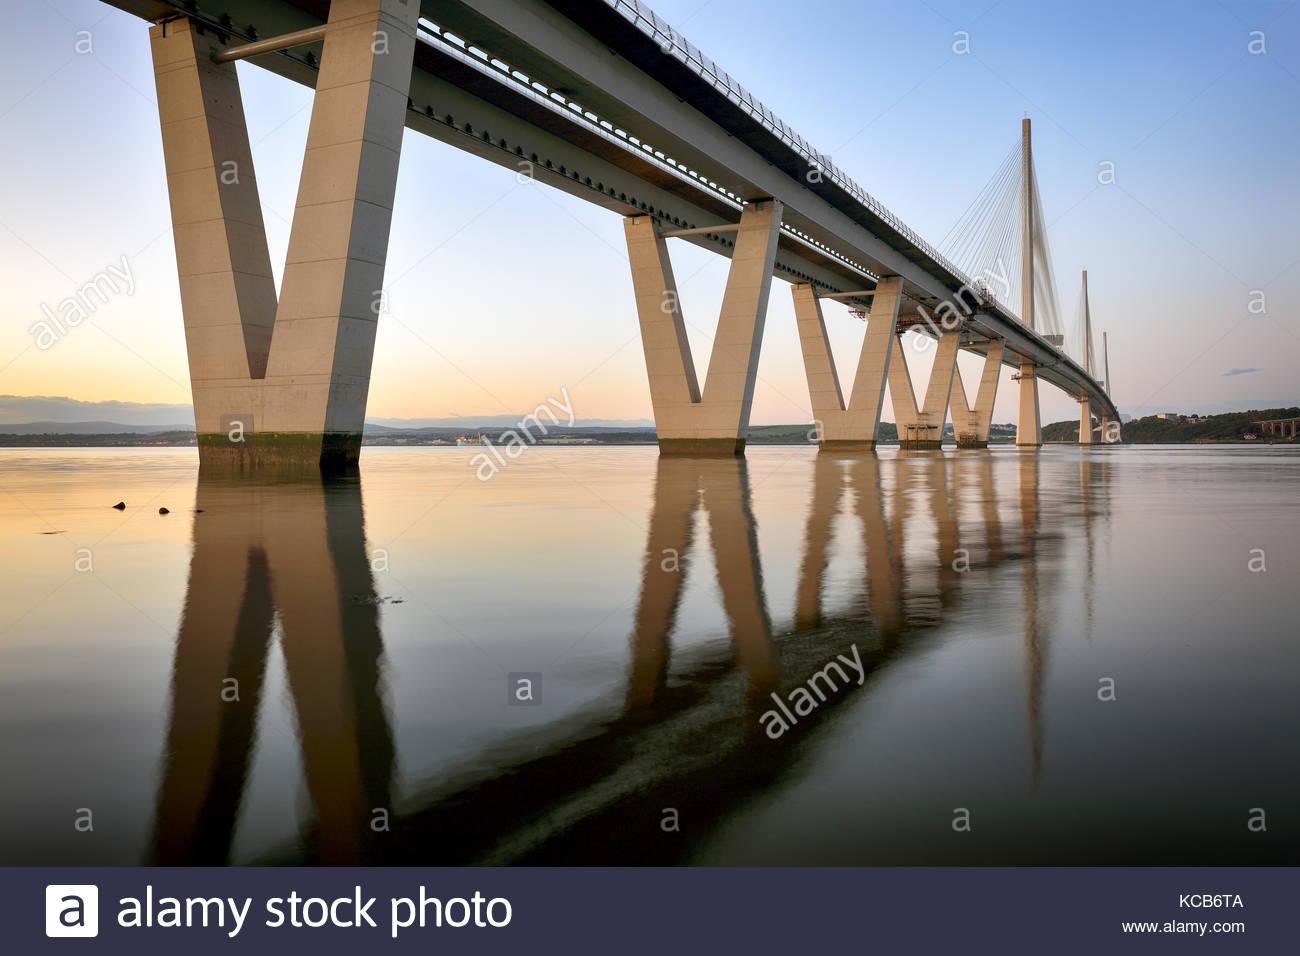 Riflessioni del nuovo Queensferry attraversando ponte sul Firth of Forth durante il tramonto. Foto Stock